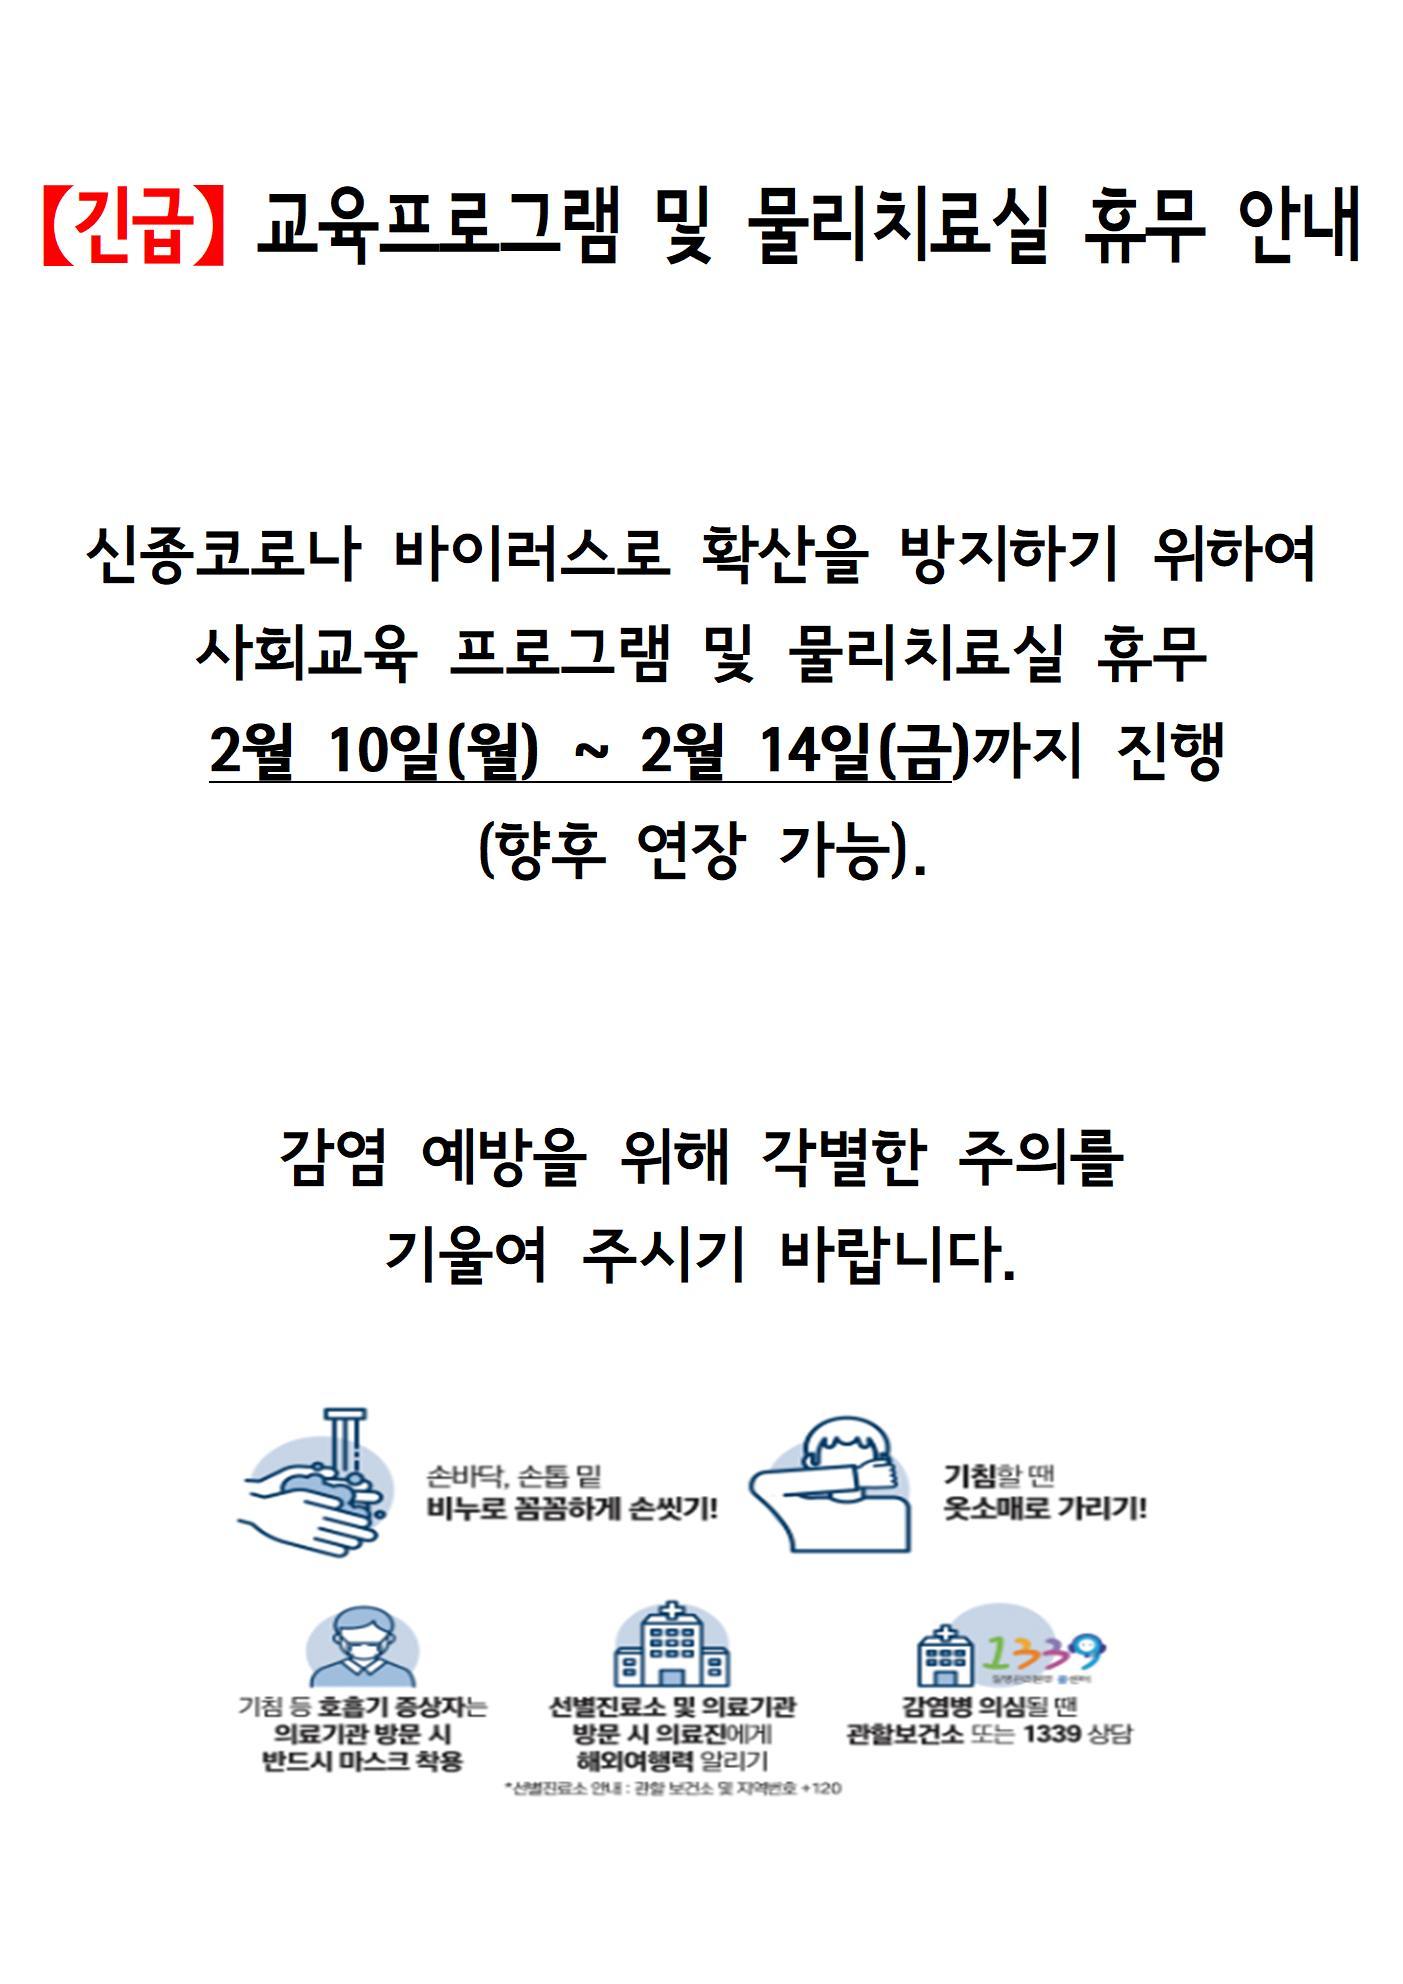 KakaoTalk_20200206_093925664.jpg